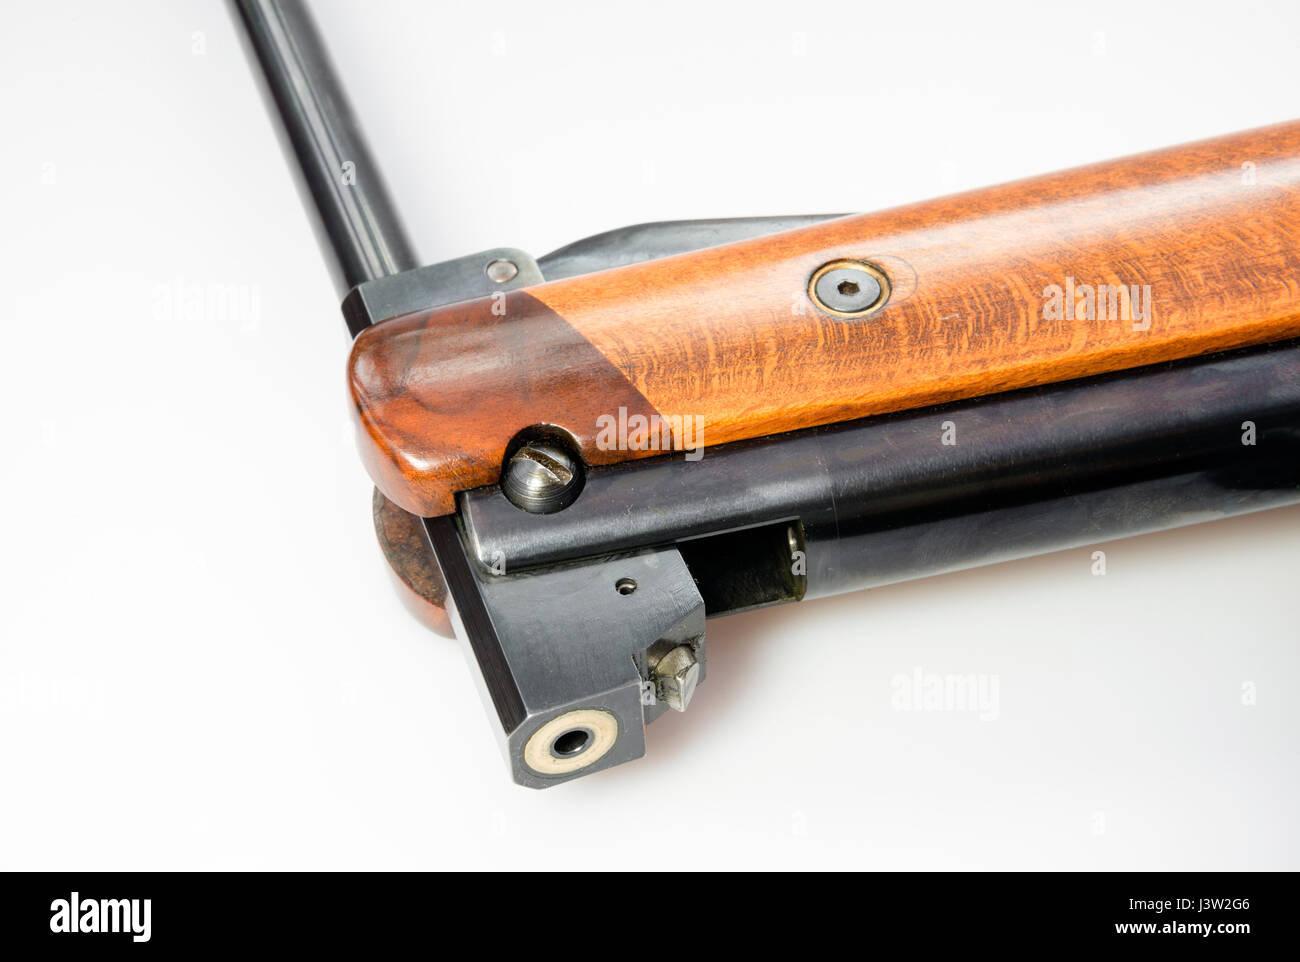 Lauf Luftgewehr.177 Kaliber benutzerdefinierte Luftgewehr auf einem HW85 basiert zu brechen. Stockbild